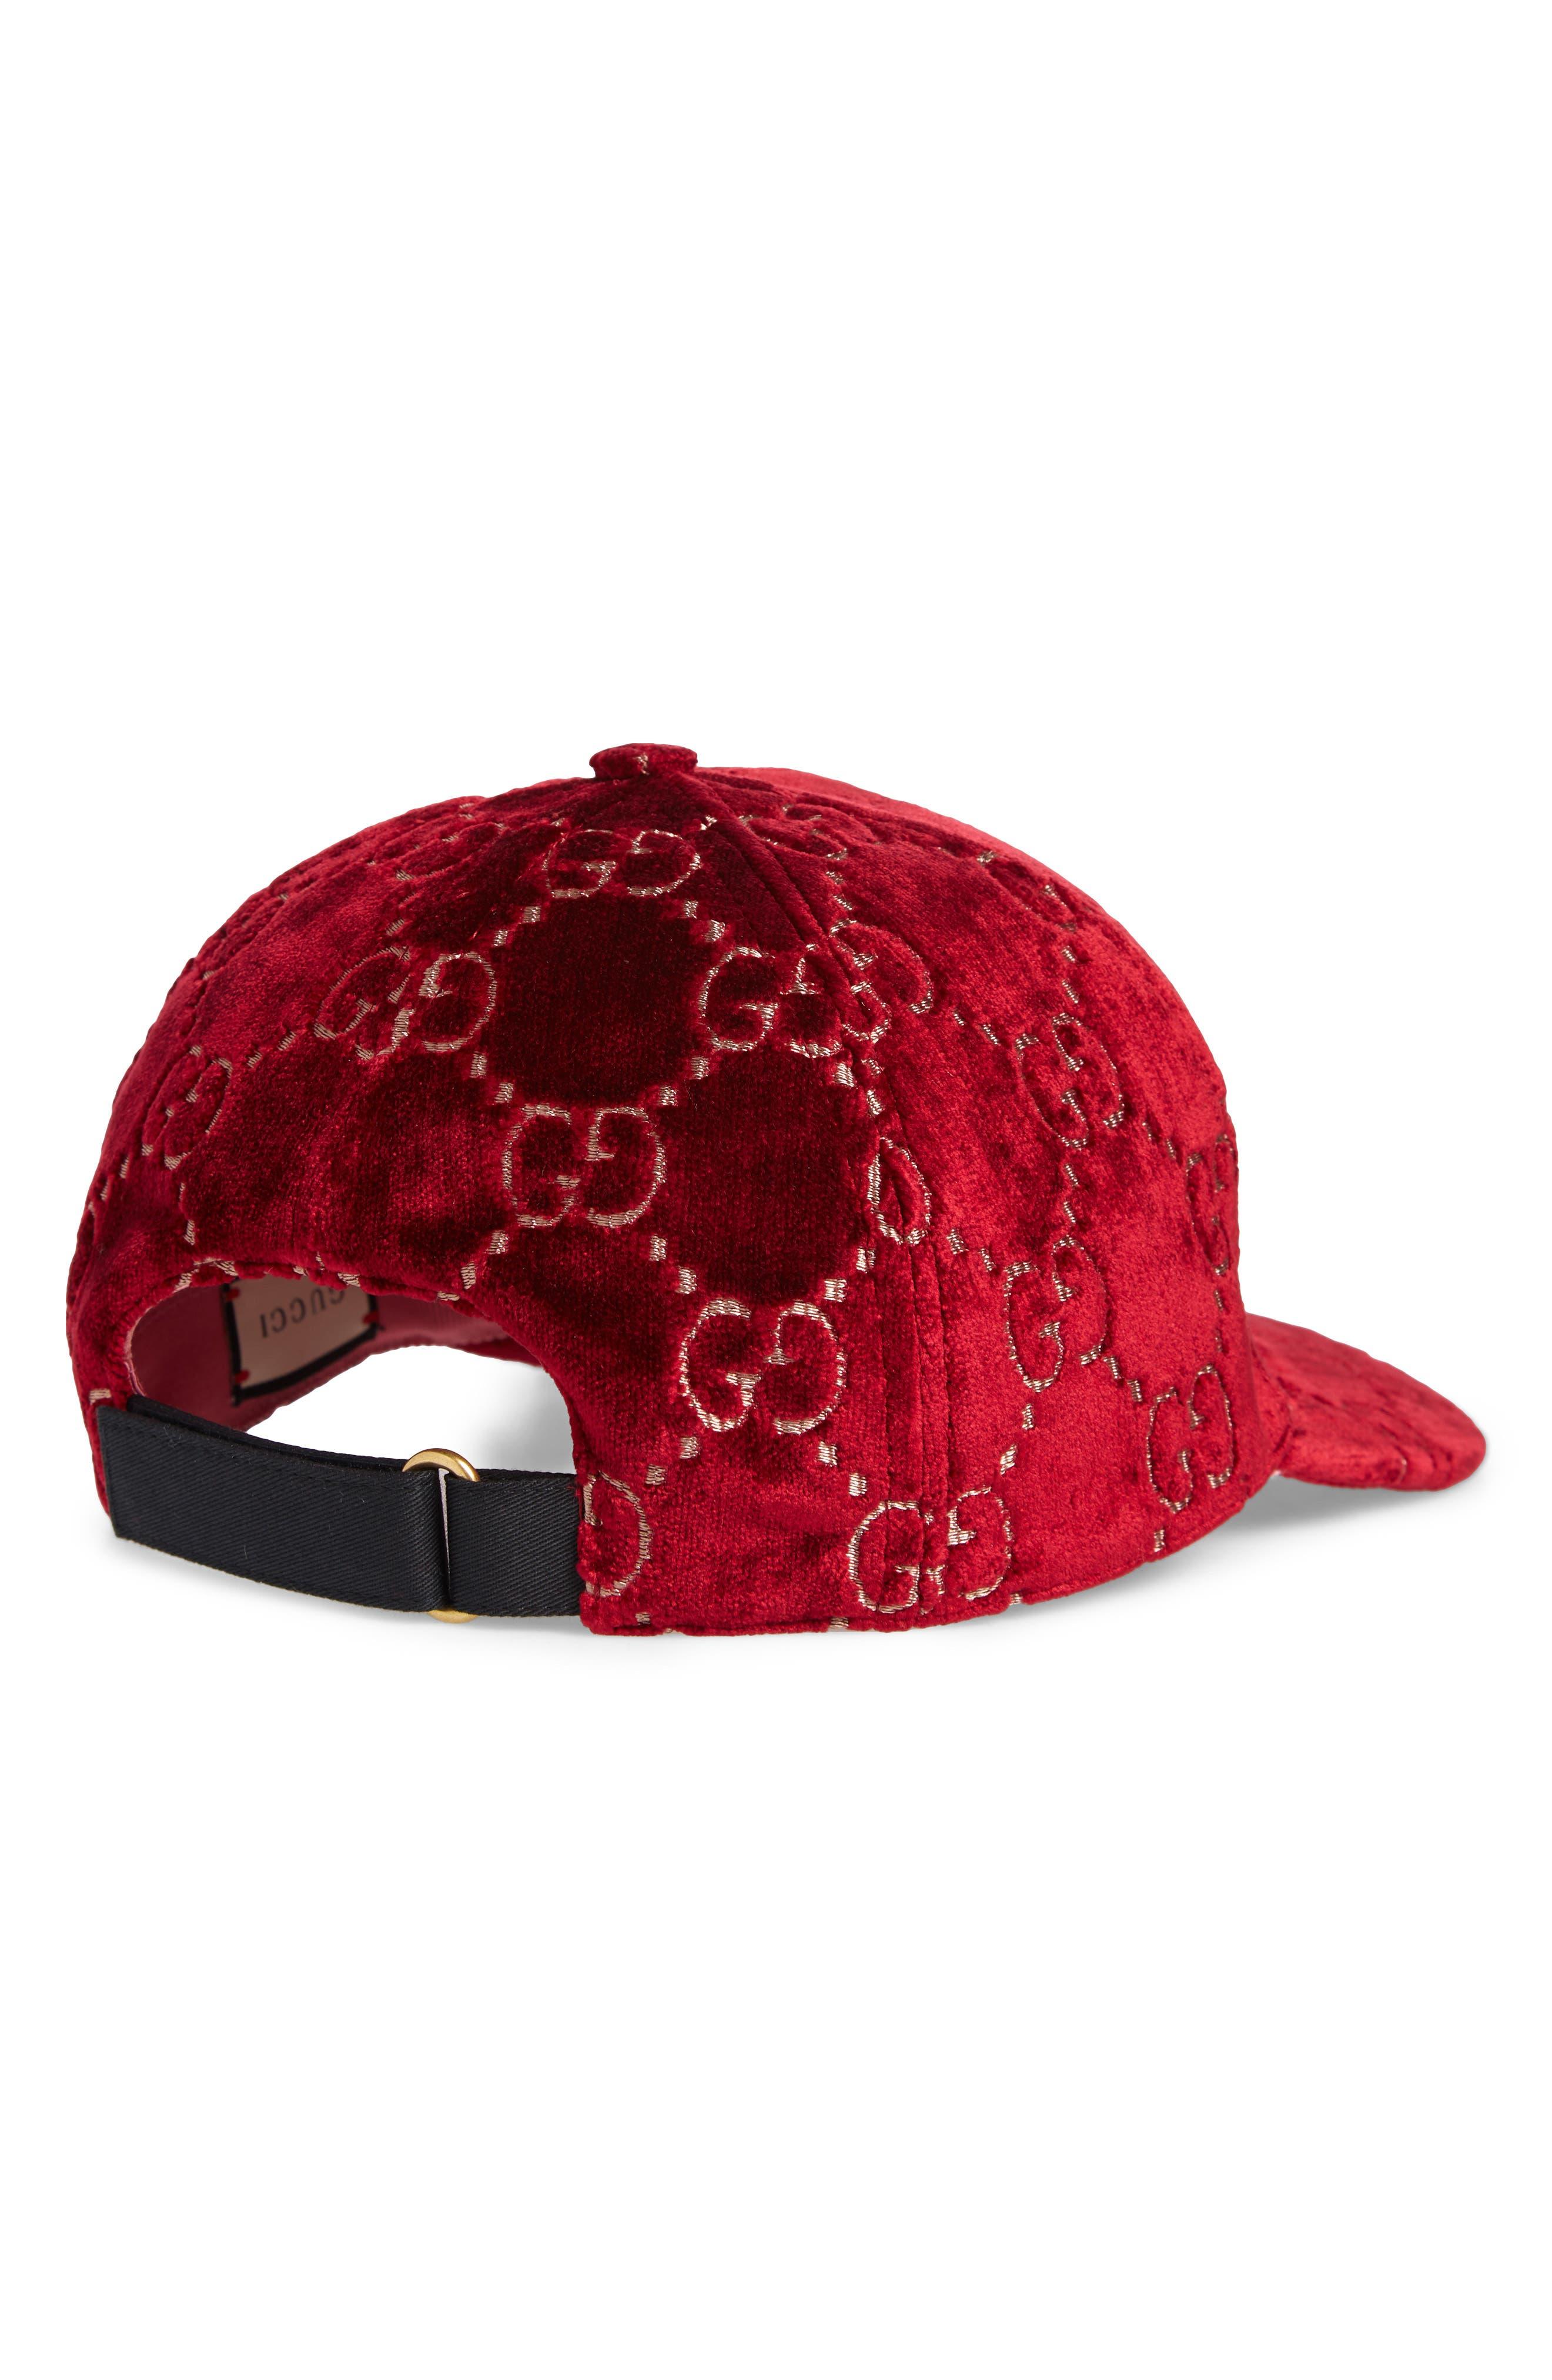 b2d0238c6b5f4 Red Baseball Caps